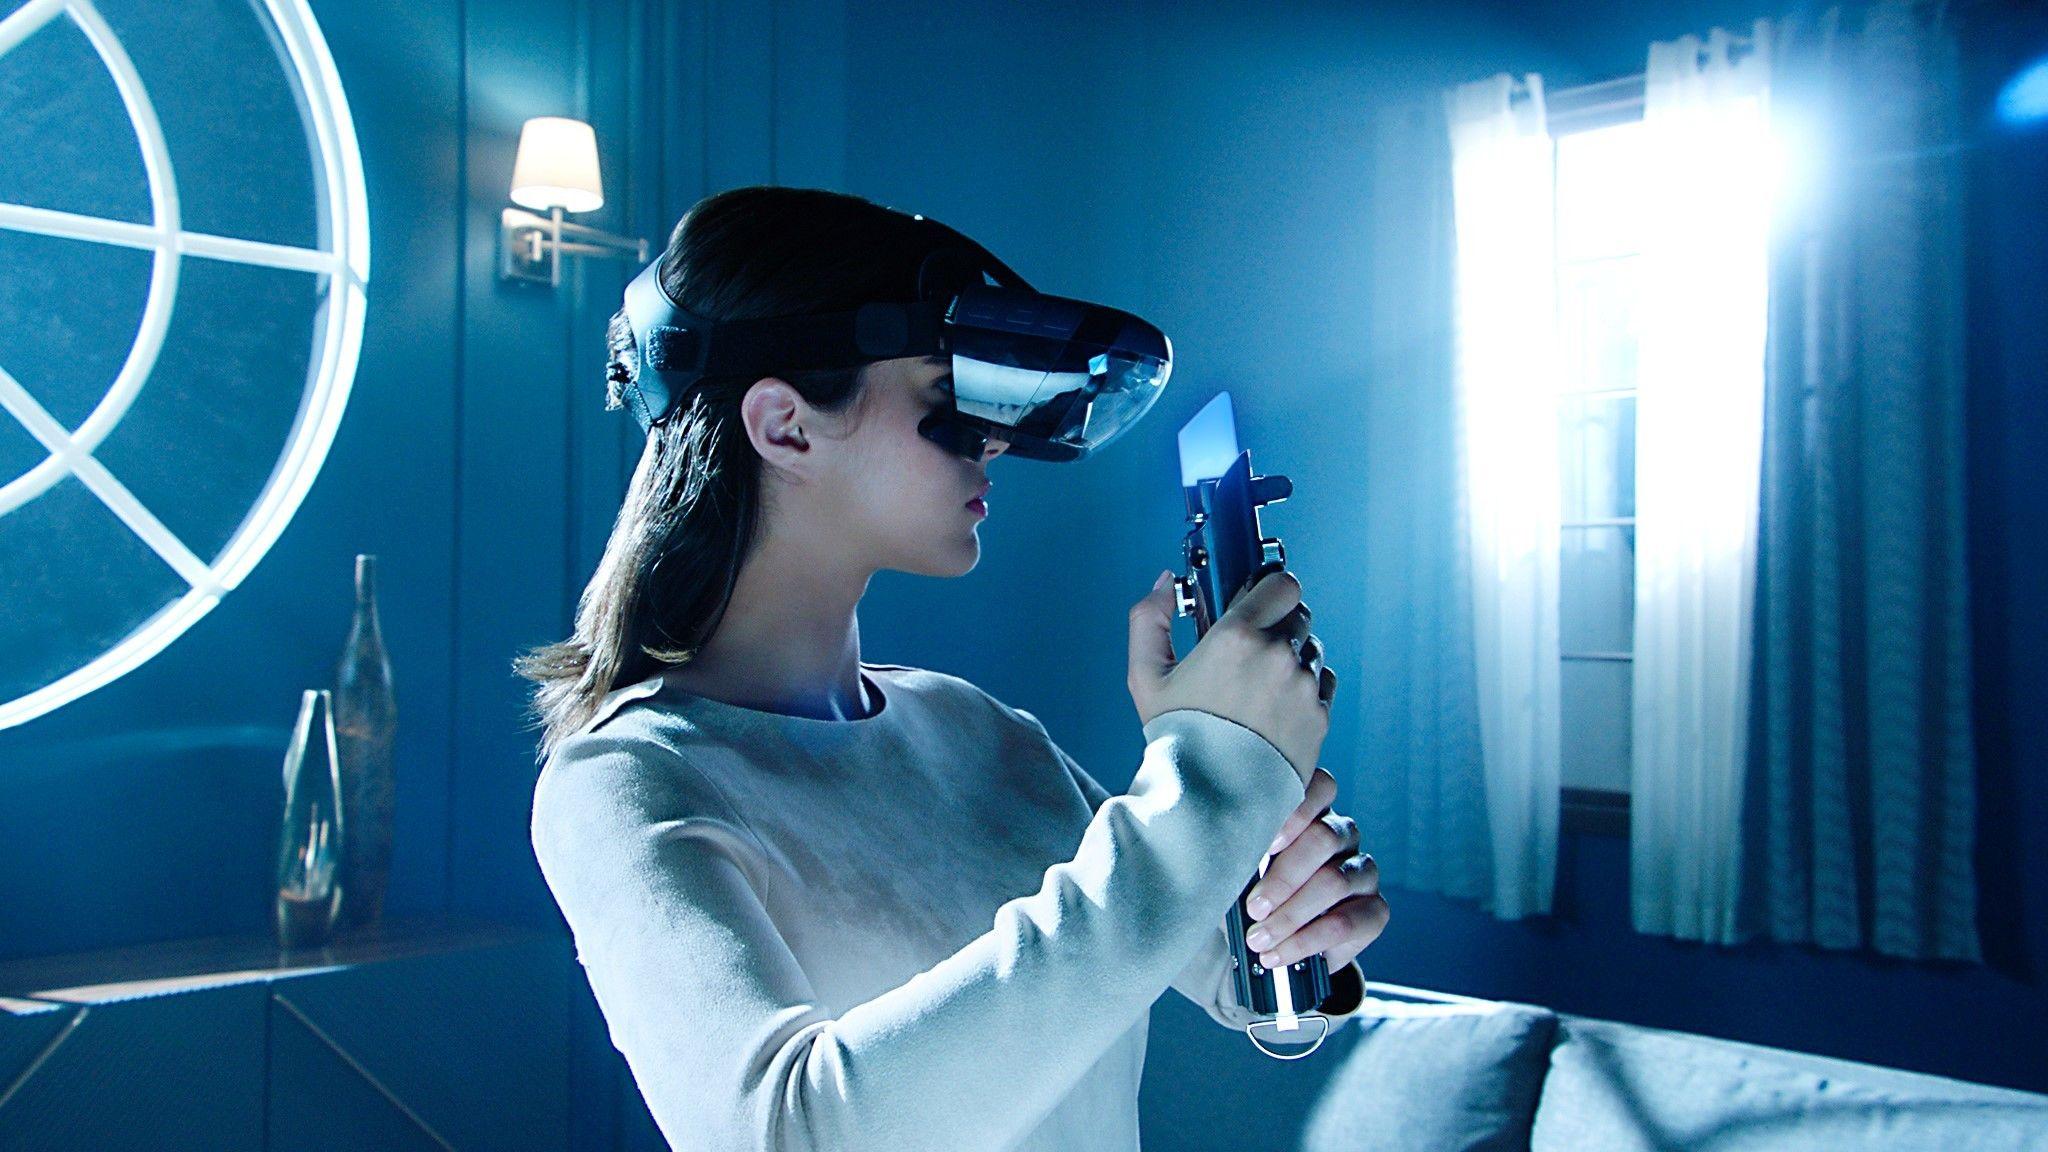 Lenovo viste også nylig frem et par andre utvidet virkelighet-briller som blant annet kan brukes til å spille Star Wars med en tilhørende lyssabel.